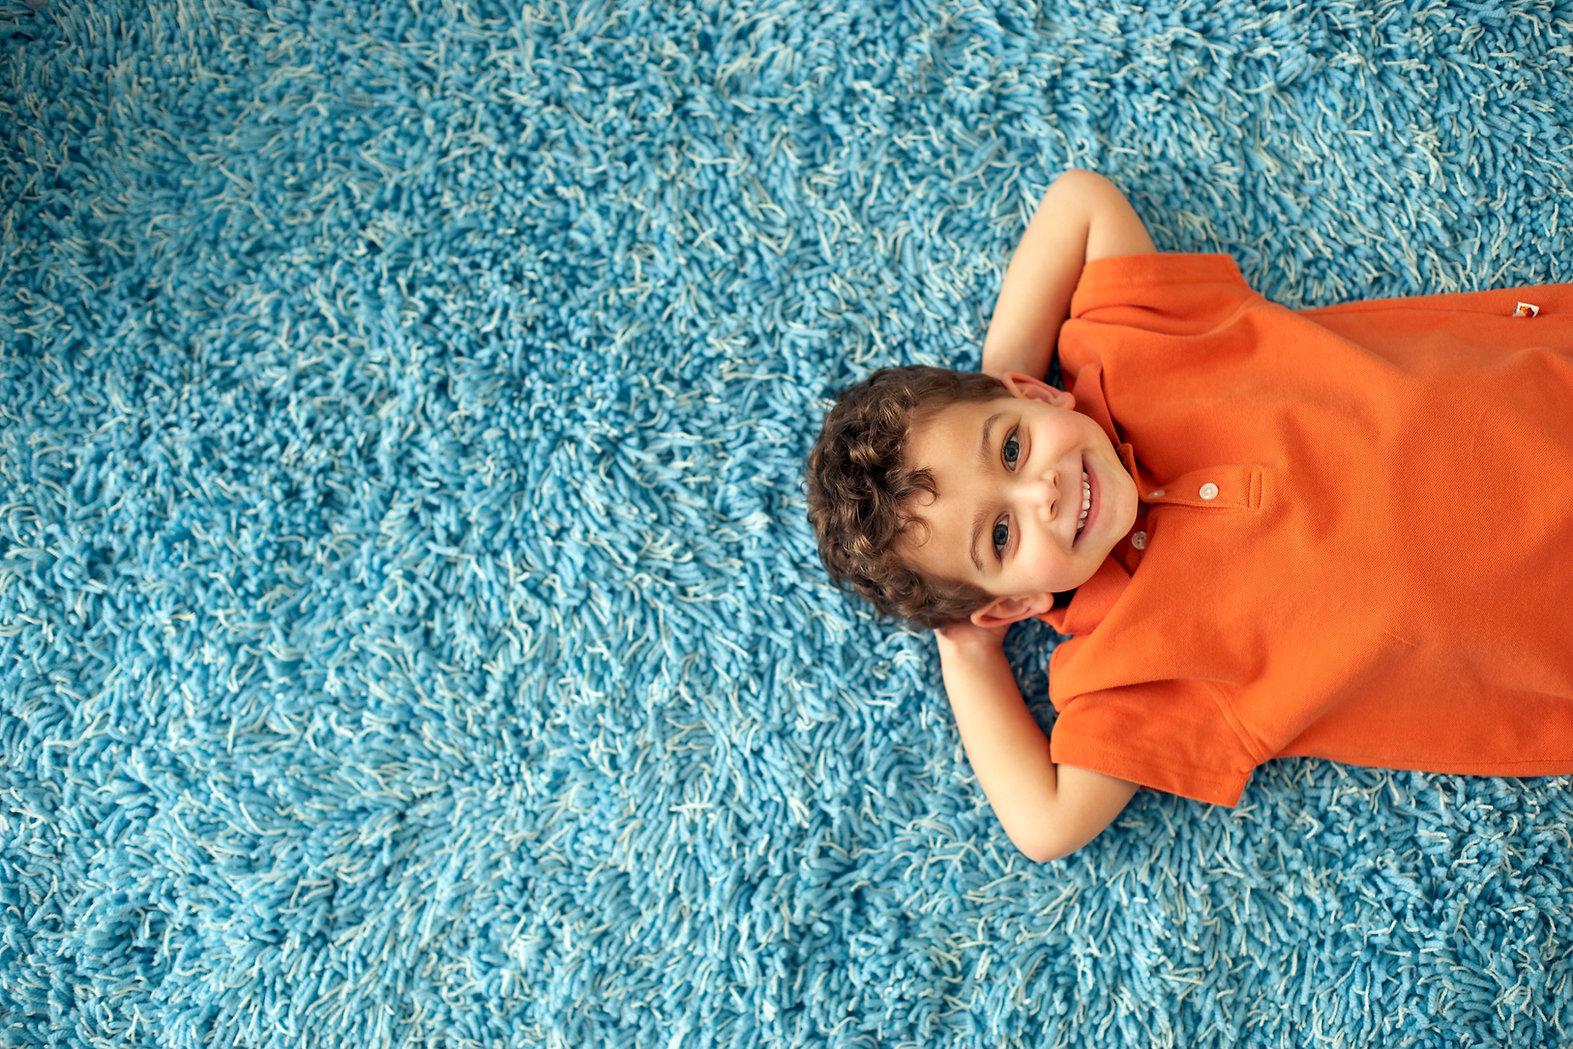 kid-on-carpet-.jpg